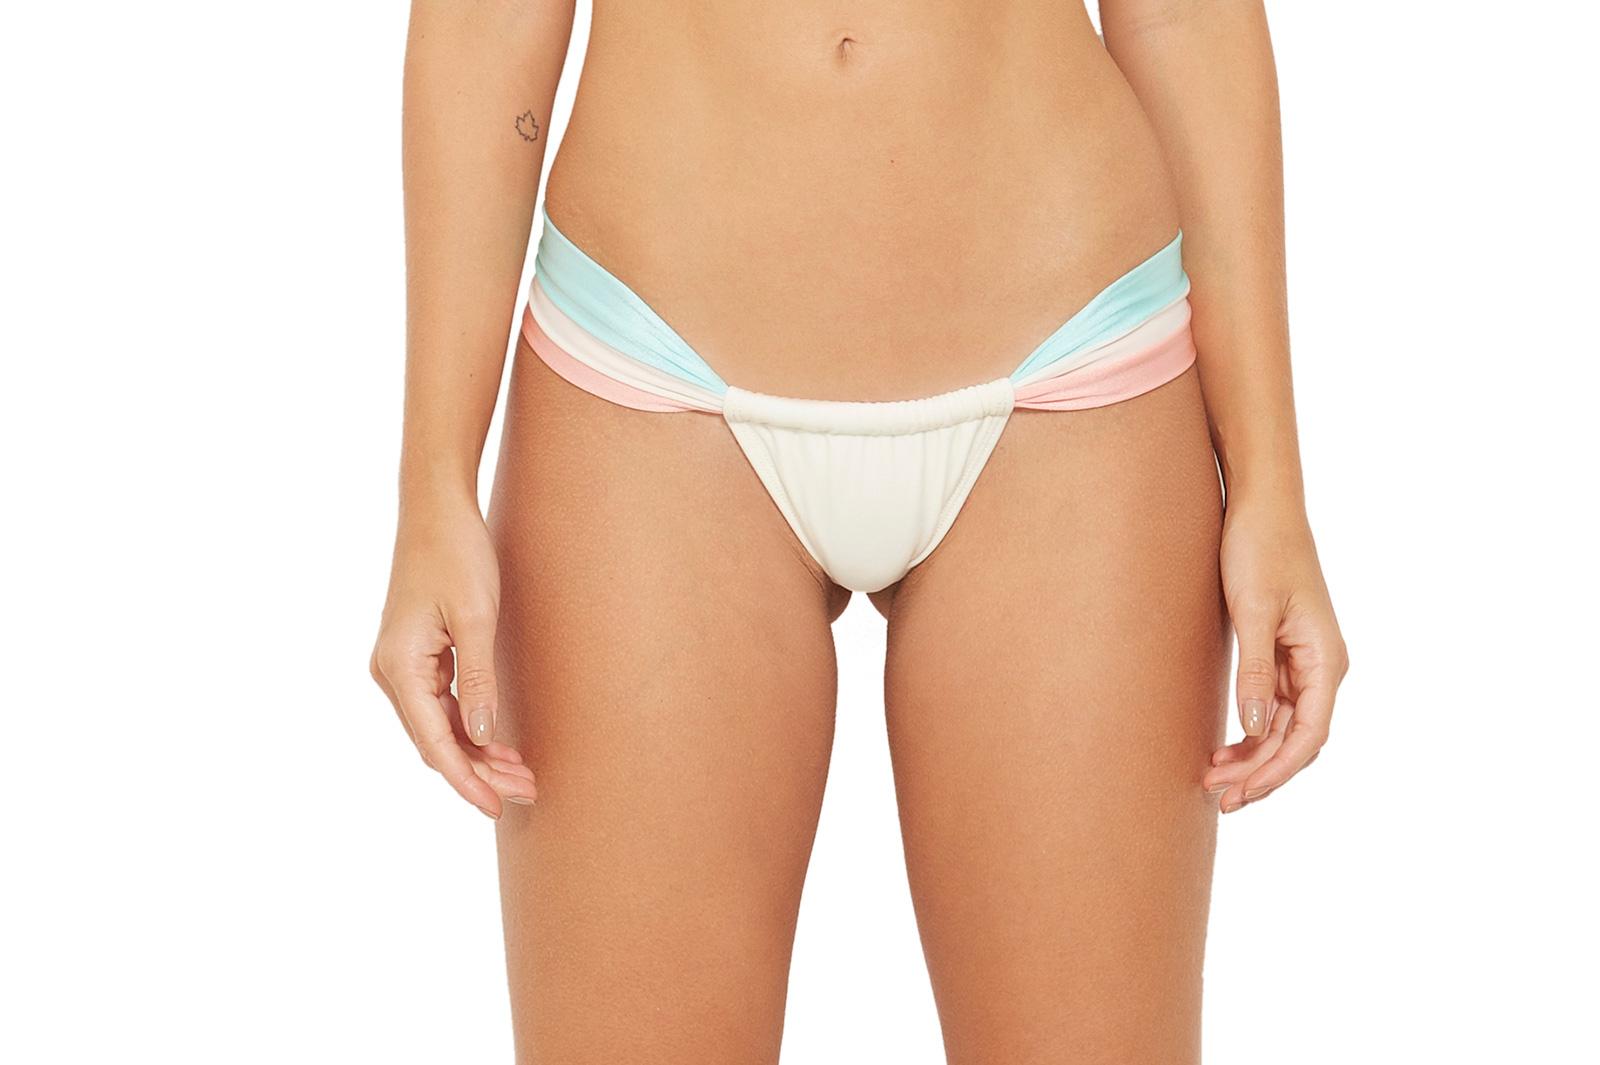 ca0a58294e9 Adjustable low-waist thong ecru / peach / blue - BOTTOM COLOR BRANCO PEROLA  ...